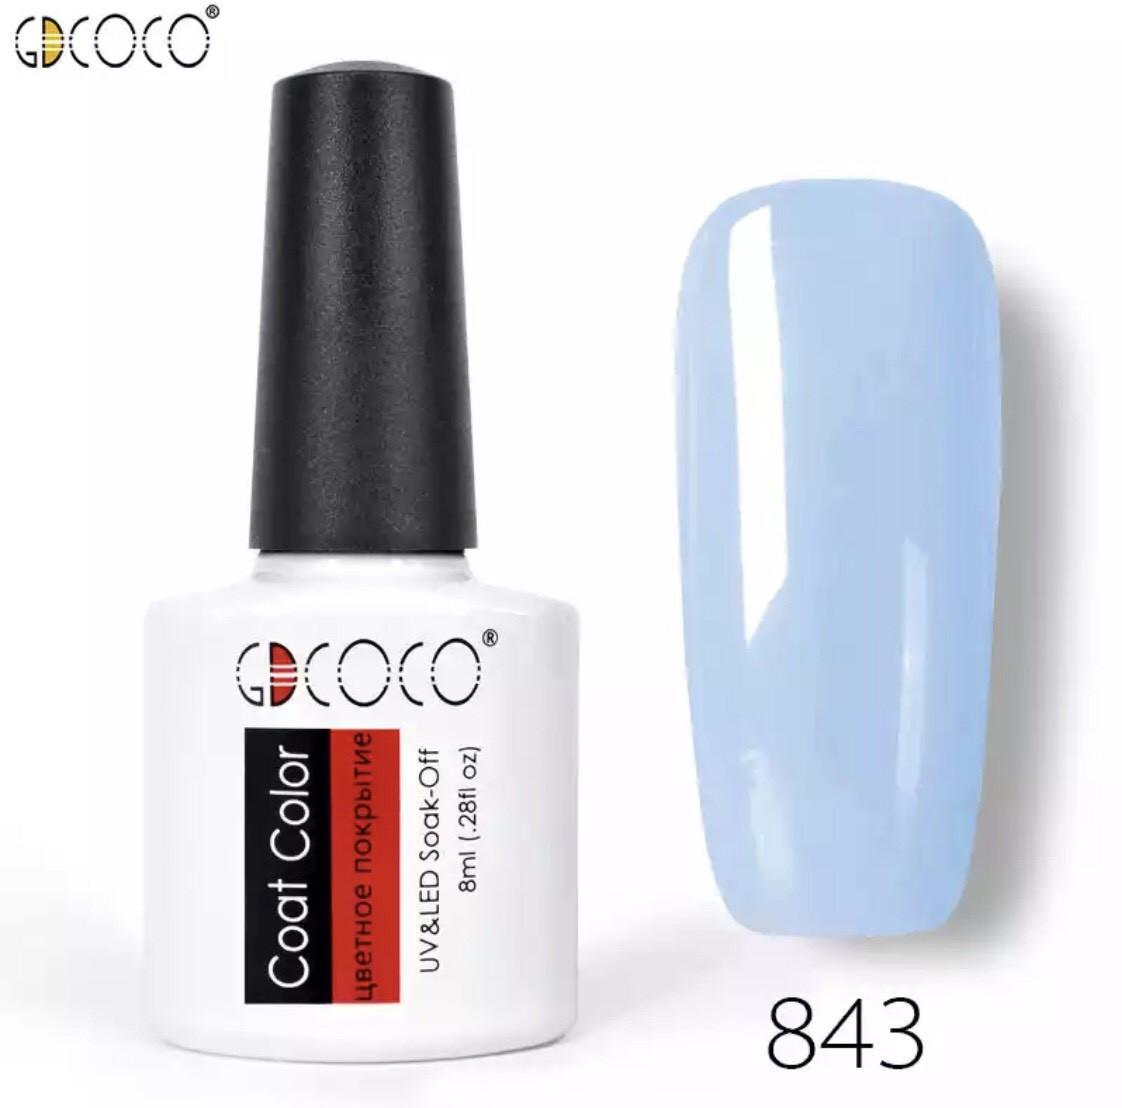 Гель-лак GDCOCO 8 мл, №843 (нежно-голубой)